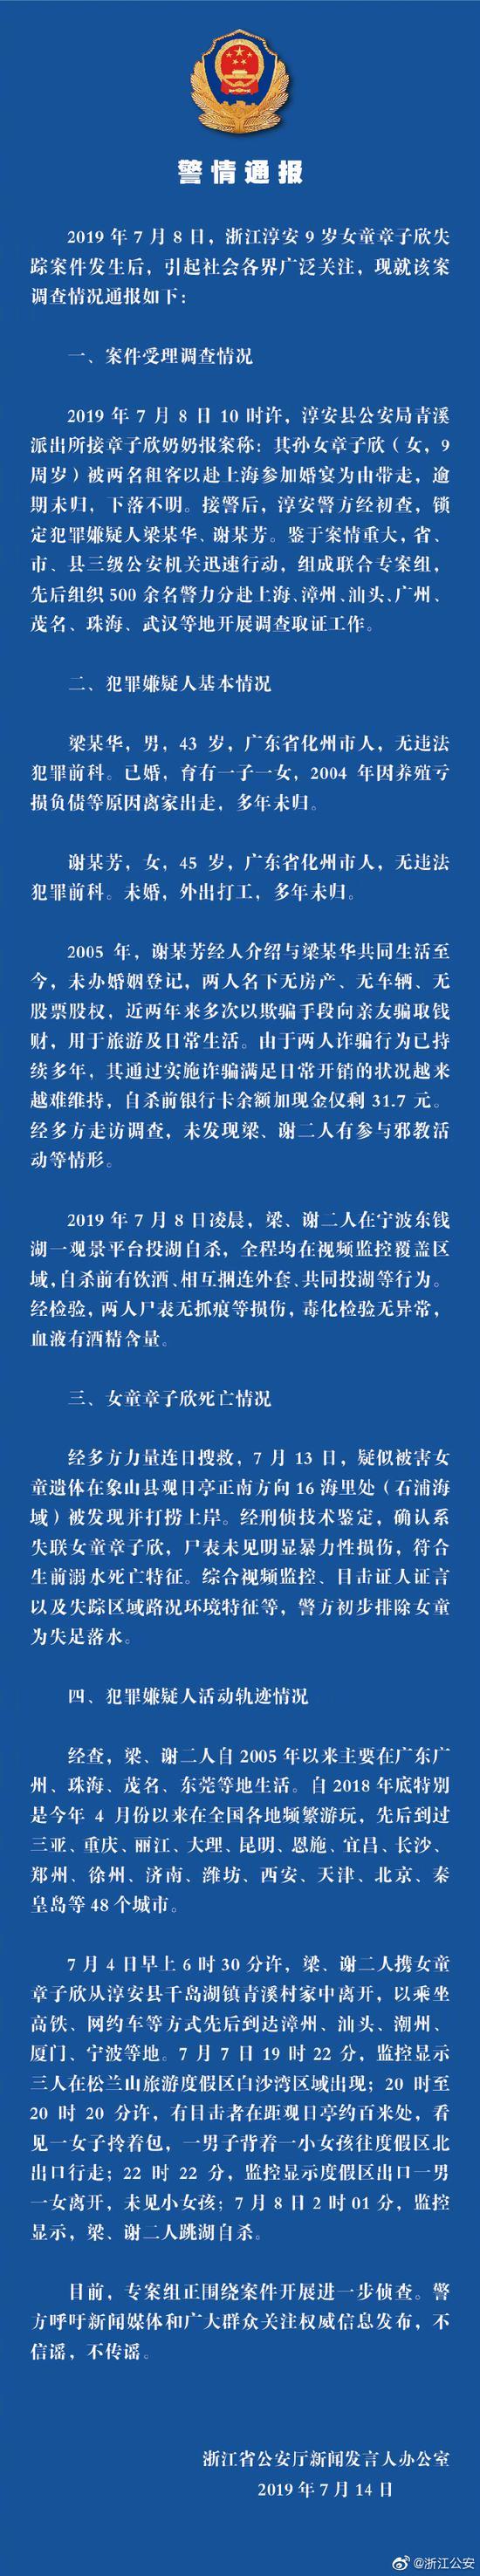 失蹤女童調查最新消息 淳安9歲女童章子欣死亡原因公布